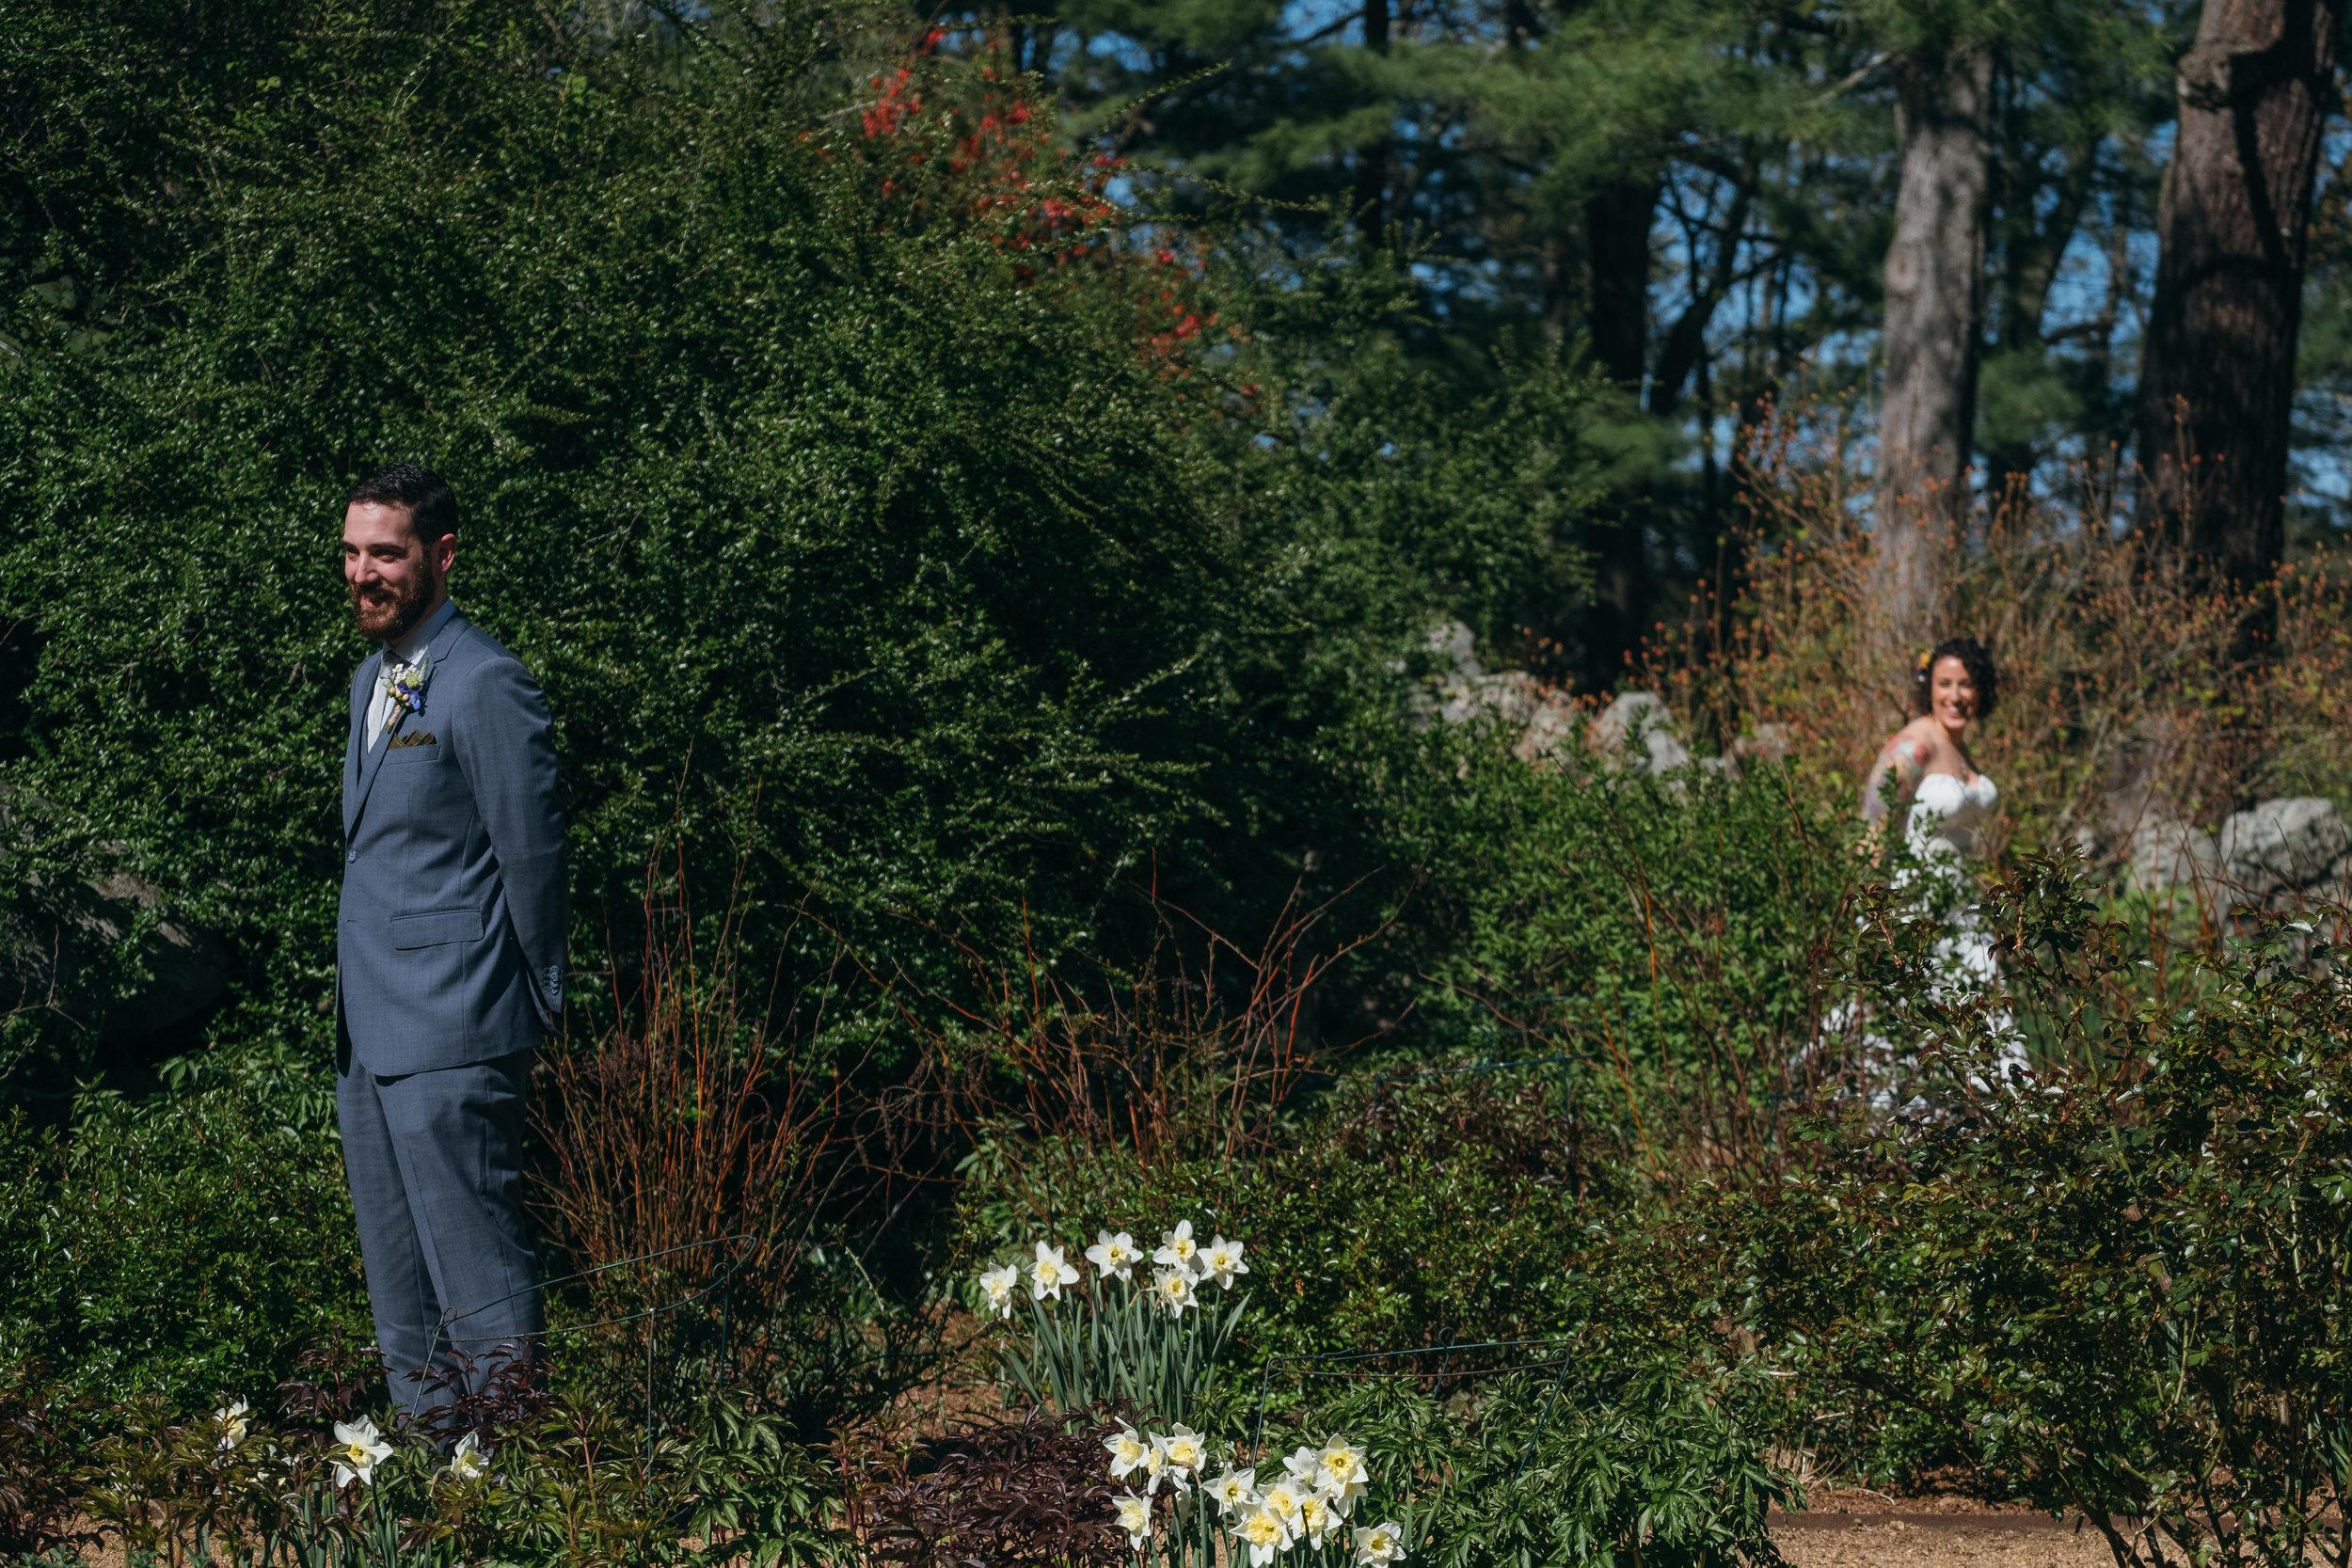 moraine-farm-boston-wedding-ginamike-oh-karina-0017.JPG